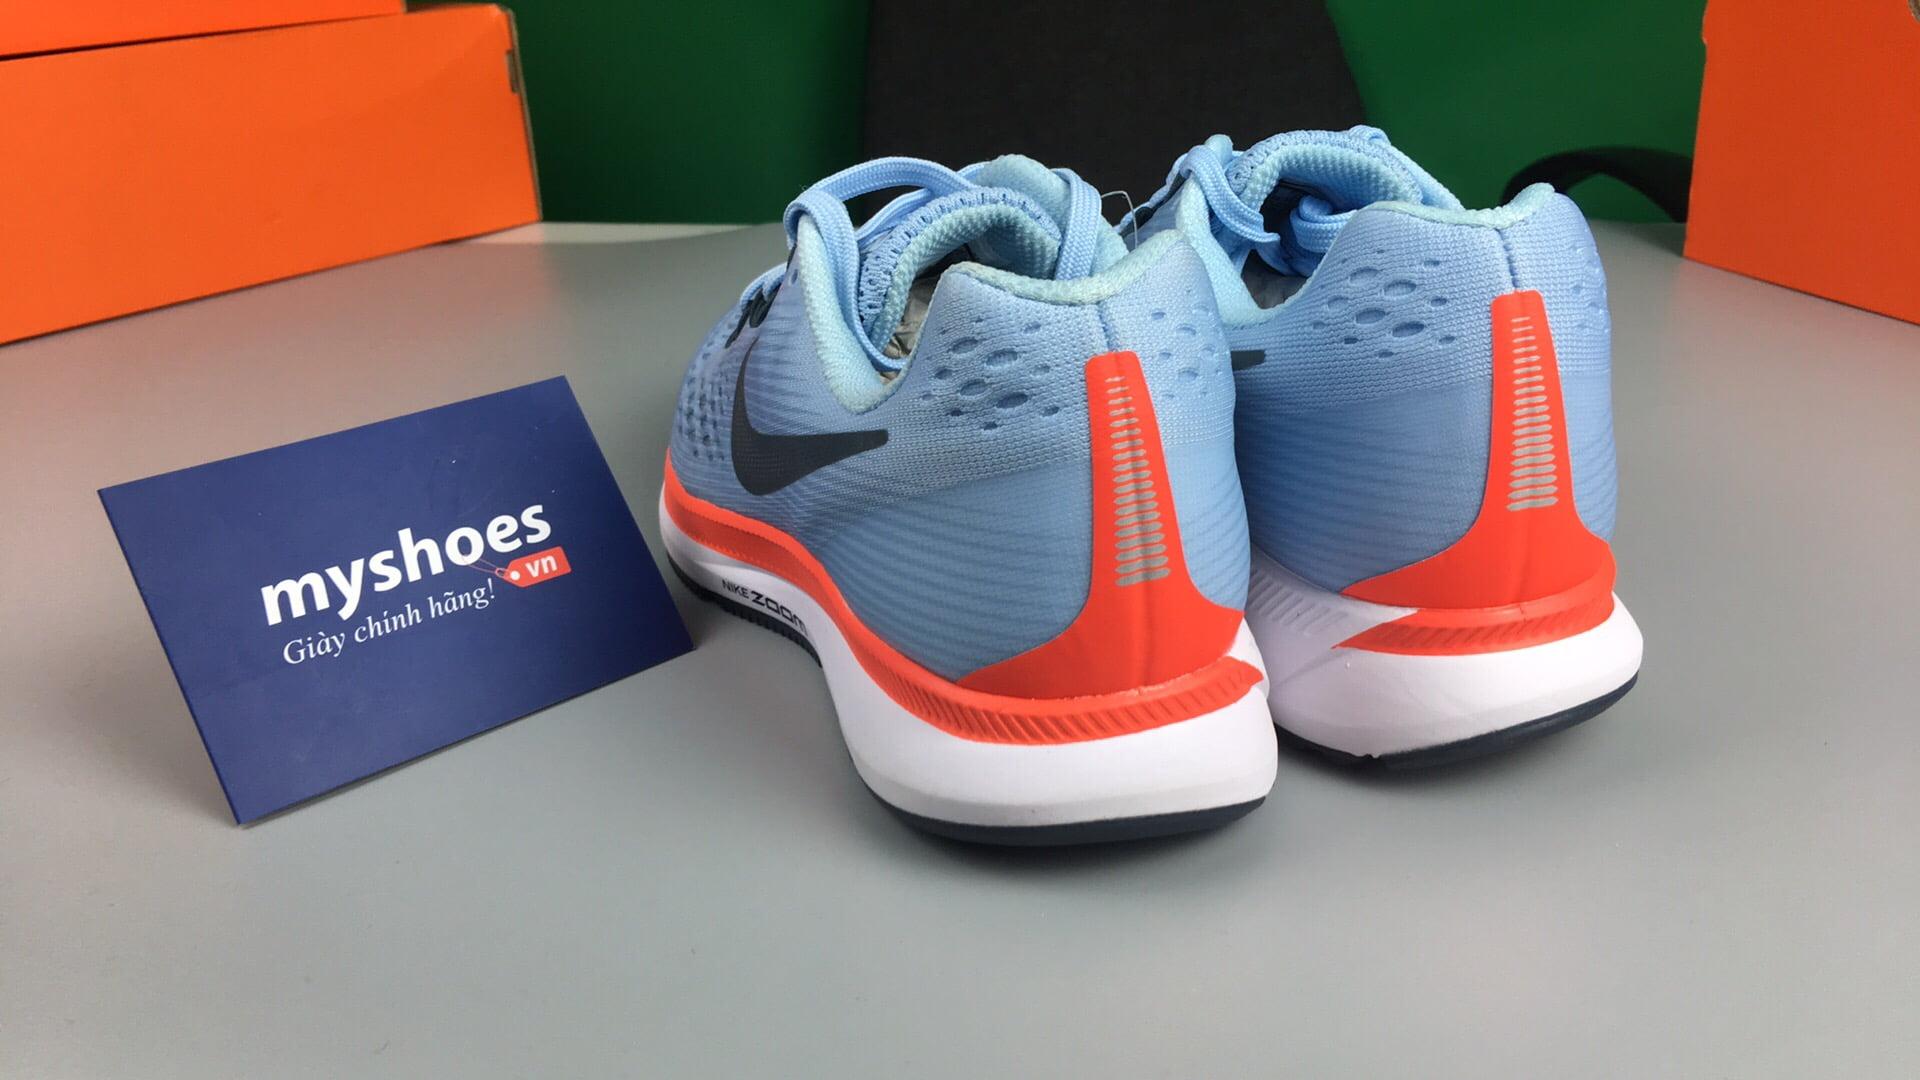 Giày Nike Air Zoom Pegasus 34 - người bạn đồng hành đáng tin cậy